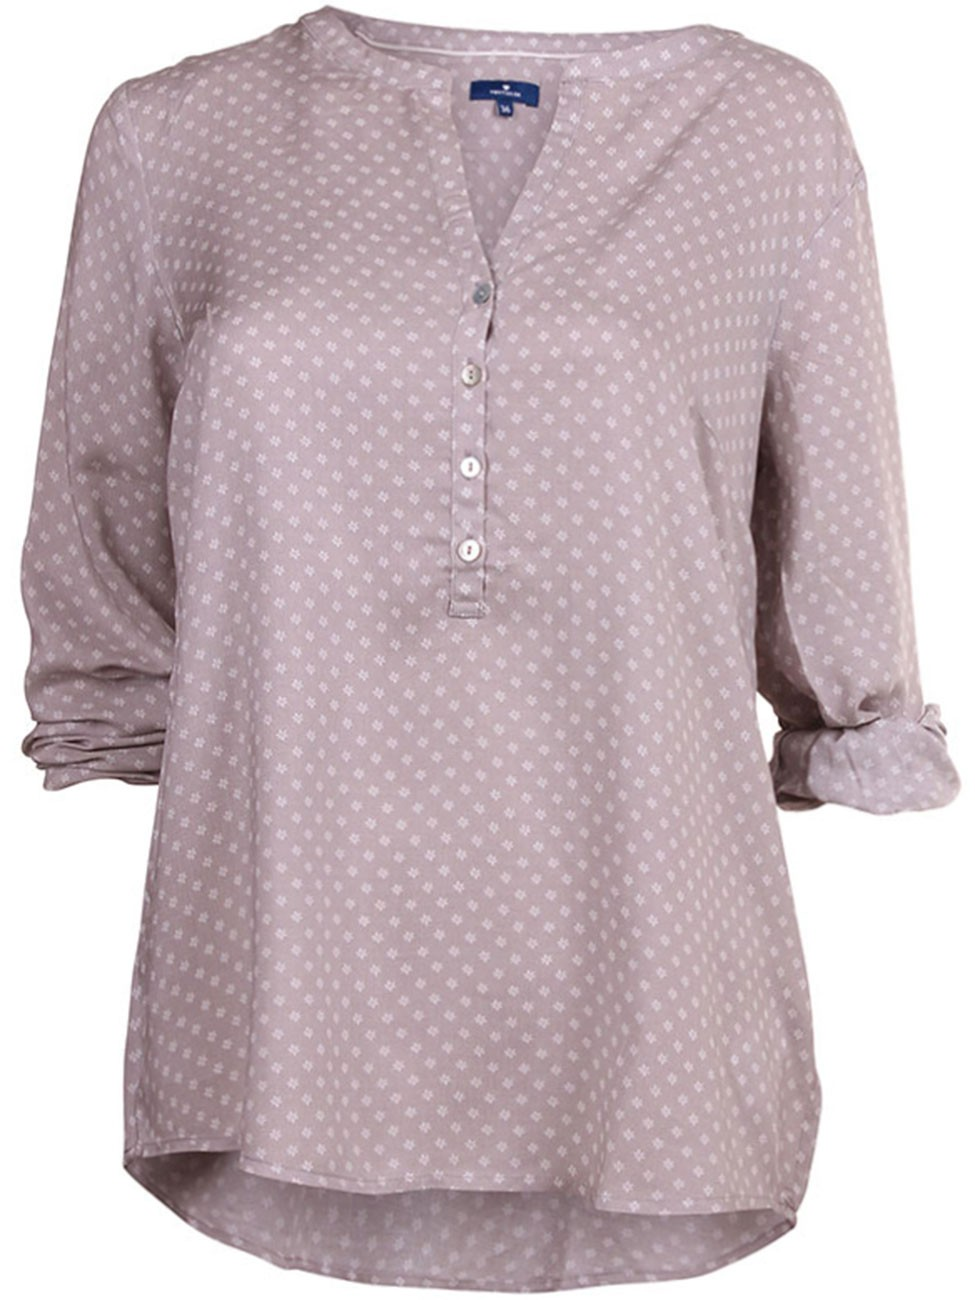 tom tailor damen bluse trendy print blouse ebay. Black Bedroom Furniture Sets. Home Design Ideas